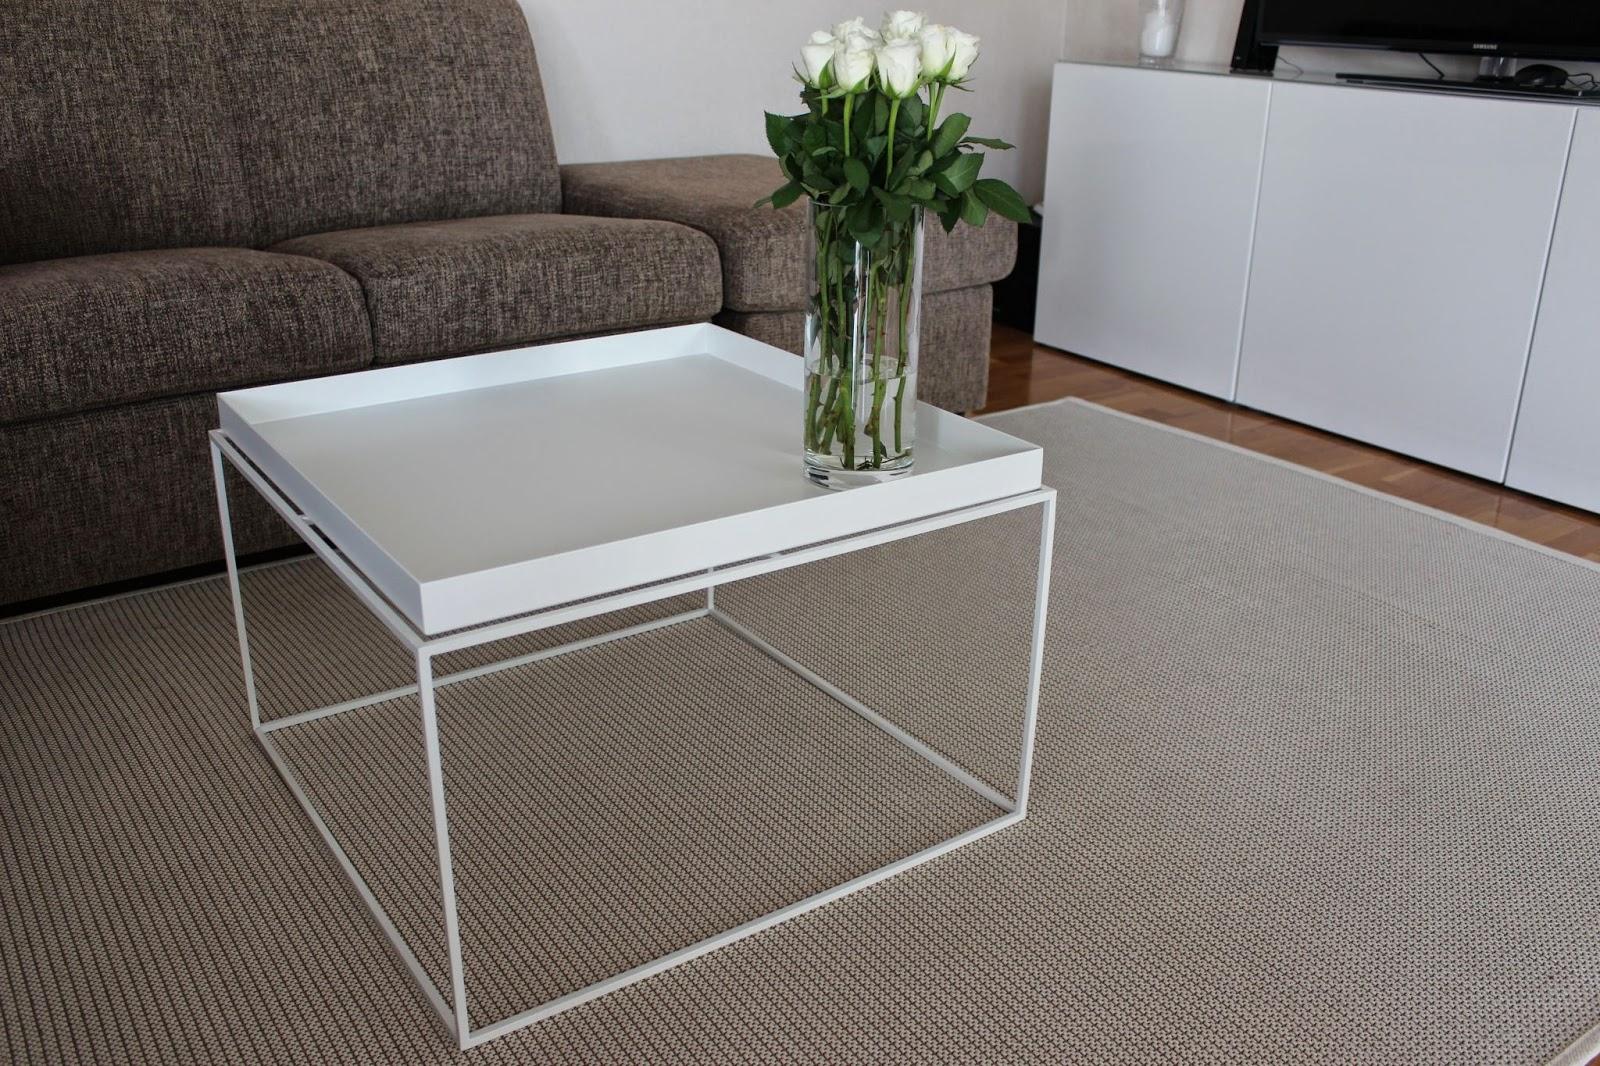 tanttaralla hay tray ja olohuoneen vaalennusta. Black Bedroom Furniture Sets. Home Design Ideas